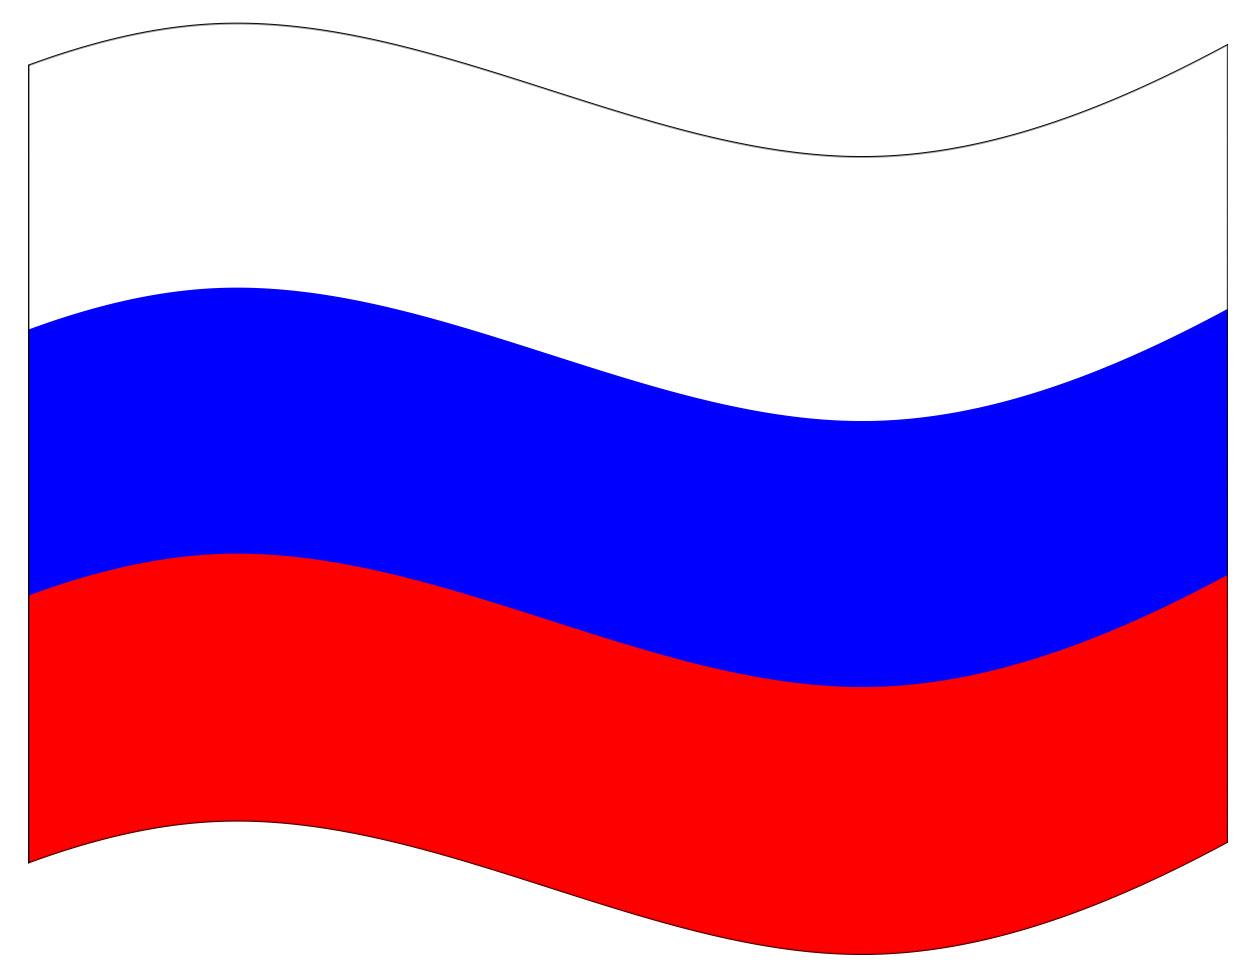 russland sinkende lpreise lassen stimmung abschmieren umwelt energie report. Black Bedroom Furniture Sets. Home Design Ideas